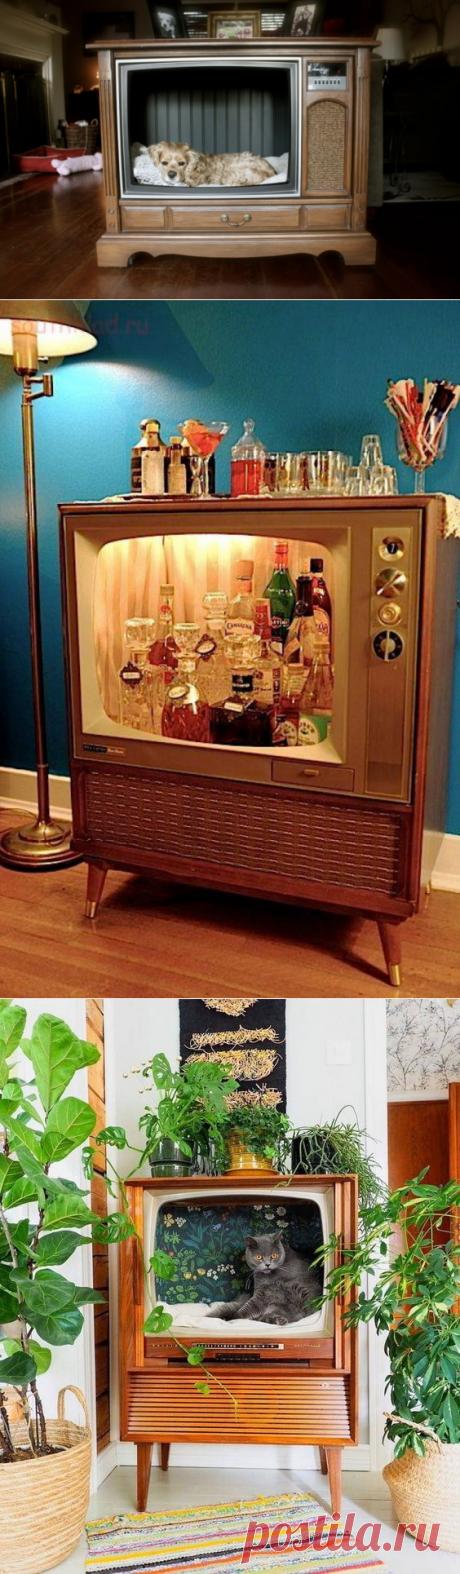 10 удивительных переделок старого телевизора